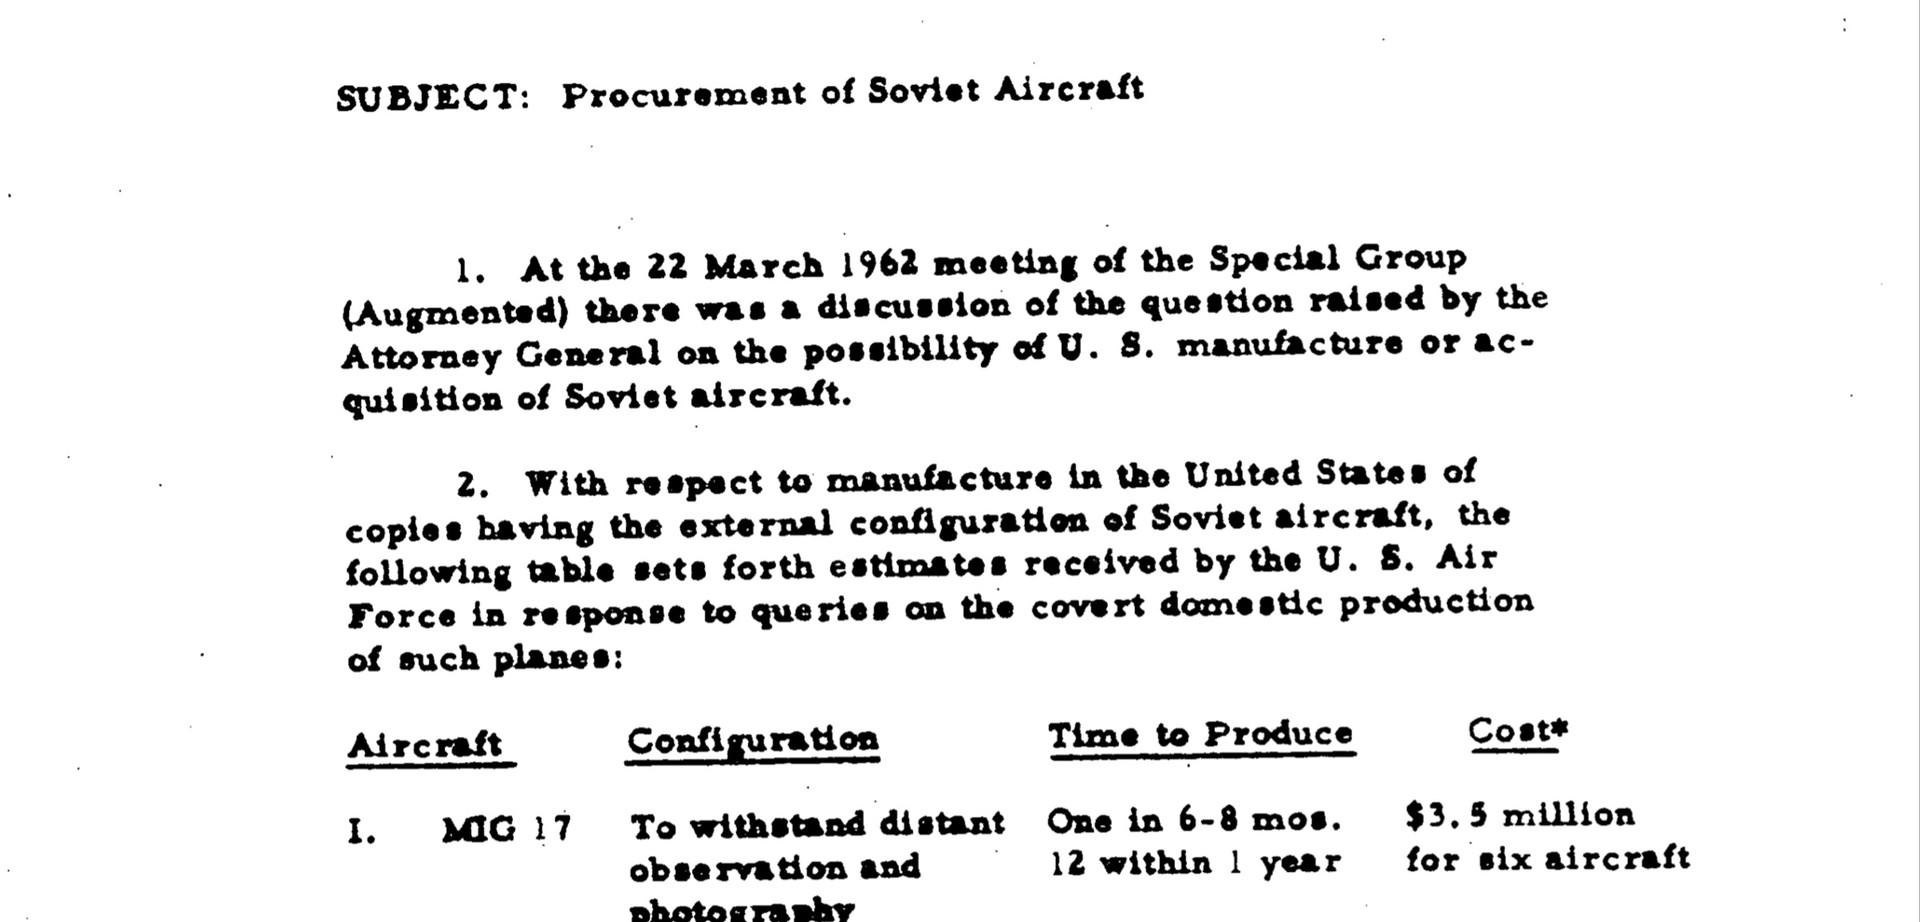 Pour déclencher une guerre avec l'URSS, Robert Kennedy voulait utiliser un faux avion soviétique